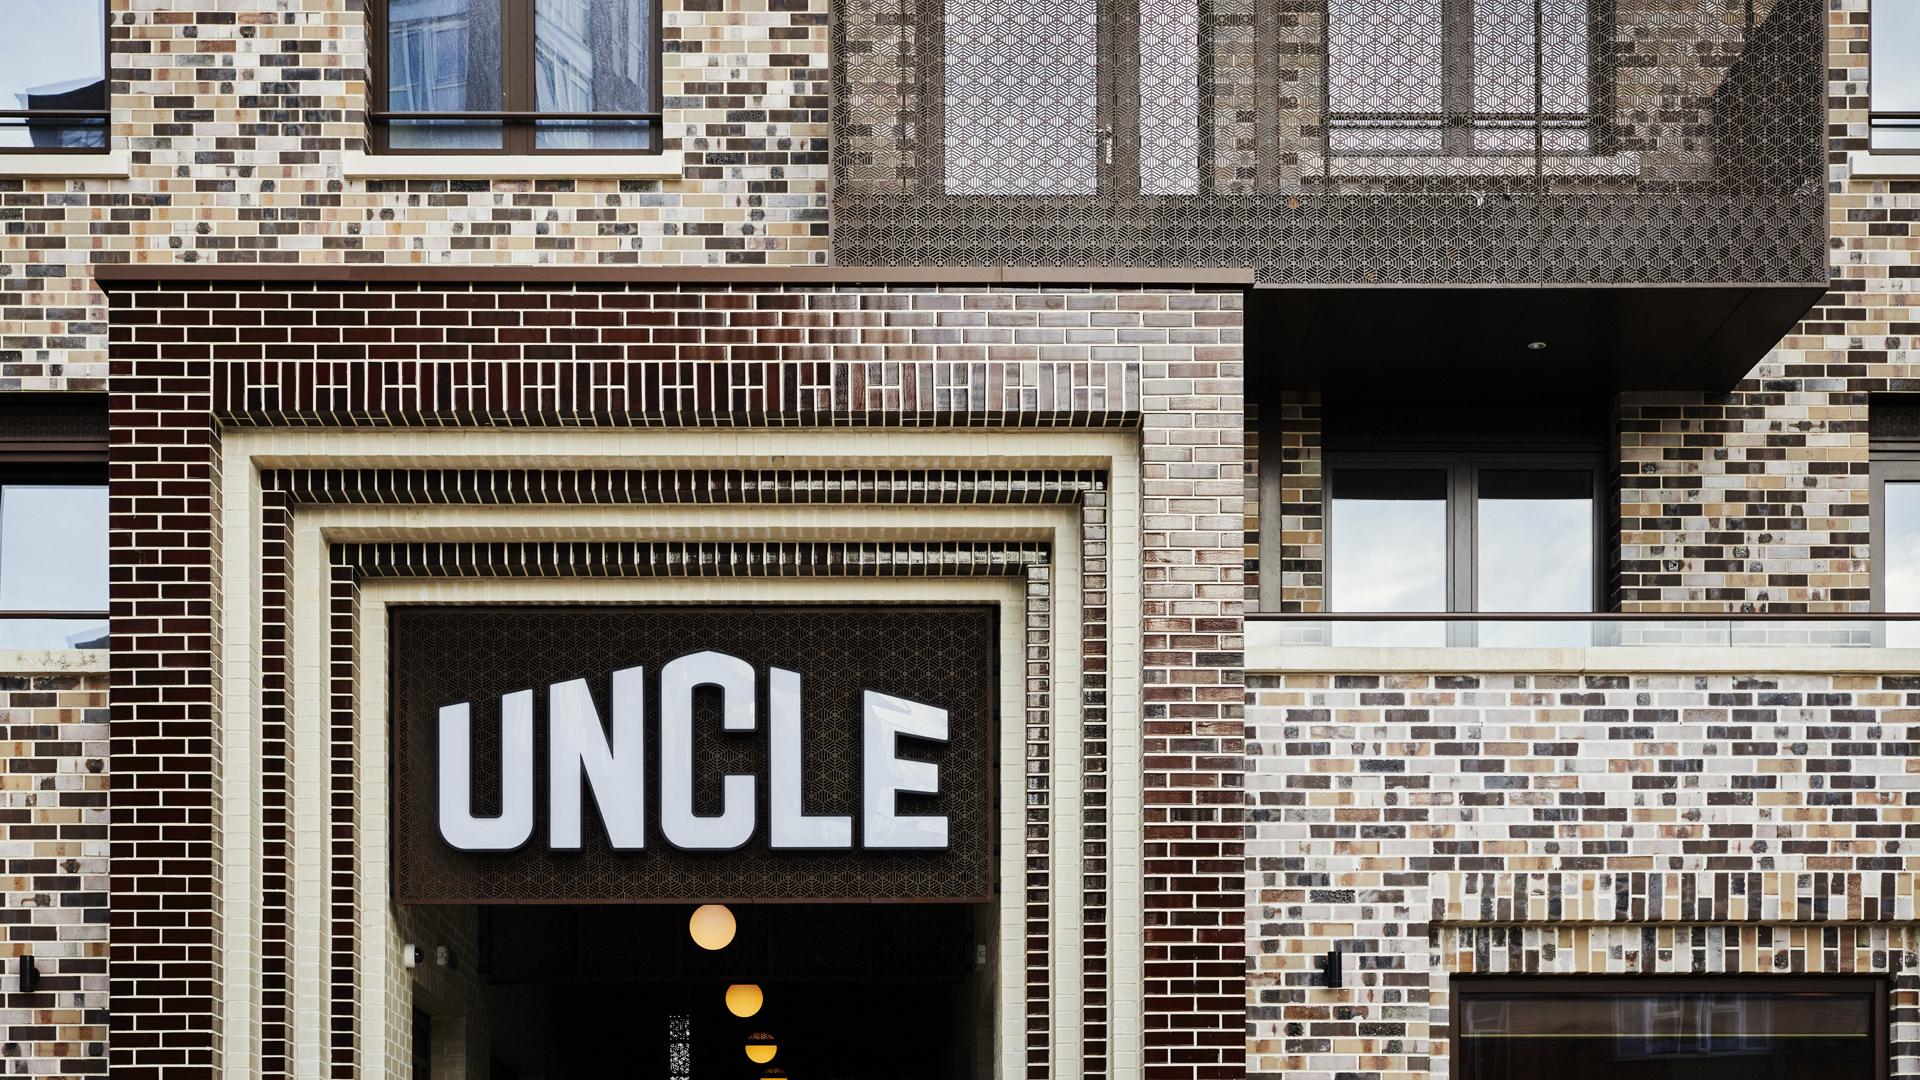 UNCLE Wembley_3